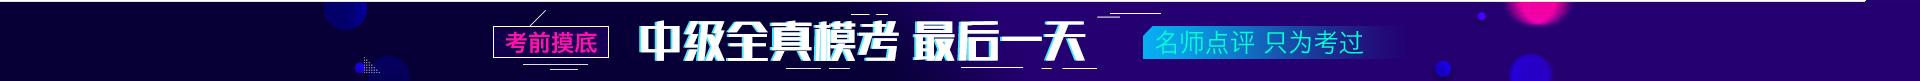 课程详情页